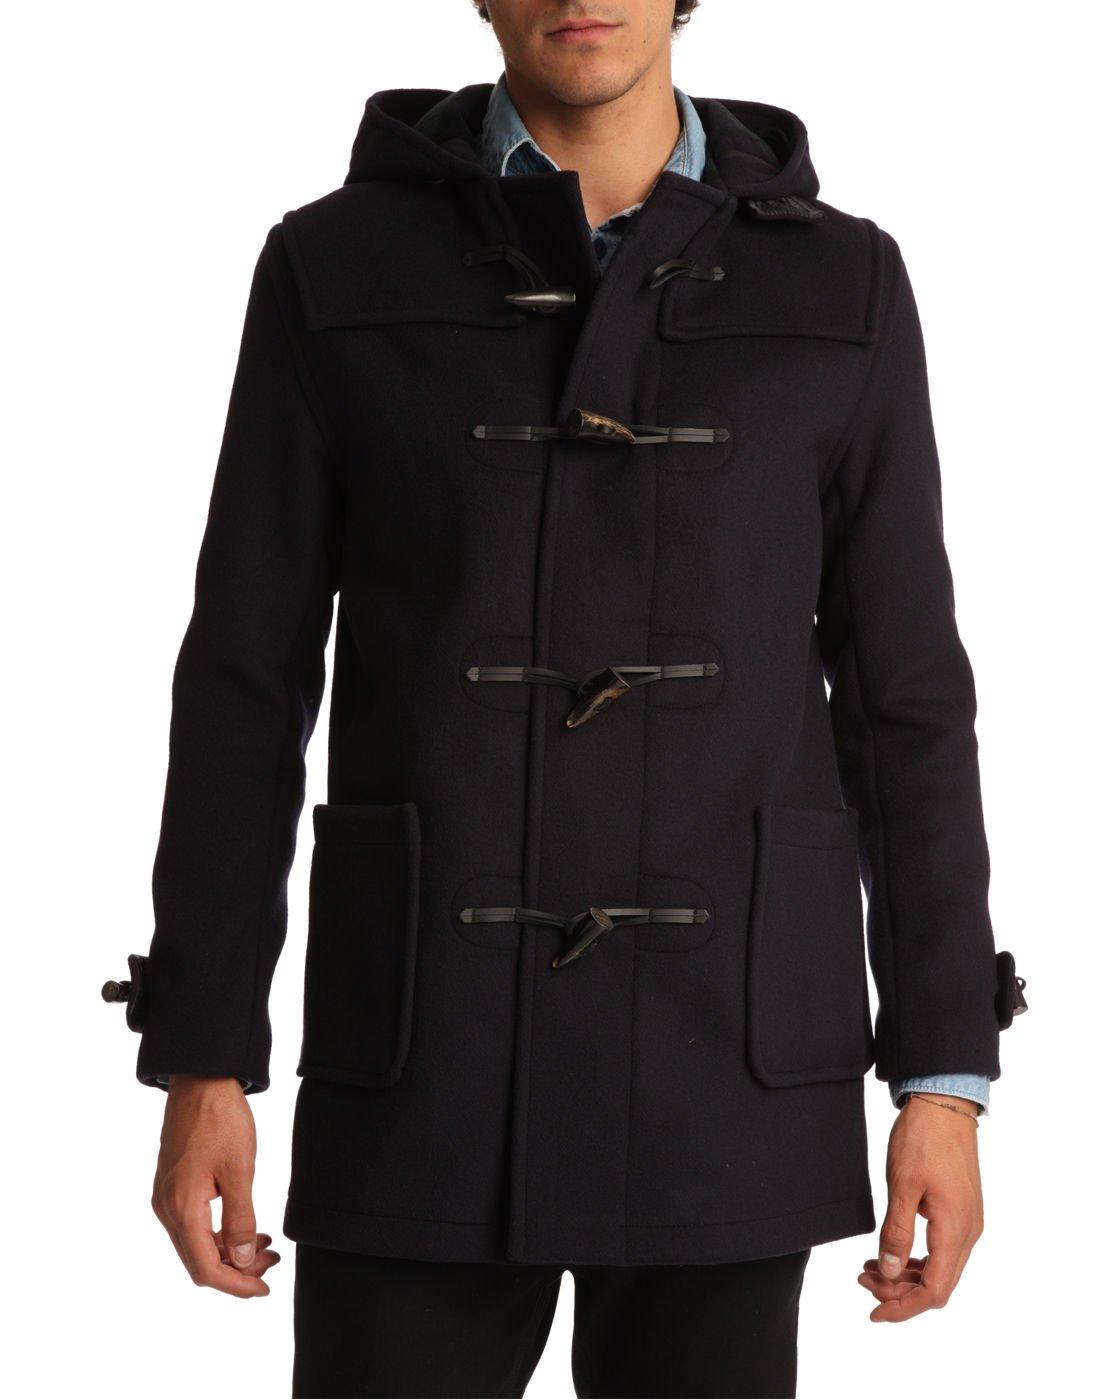 Mens Navy Blue Duffle Coat